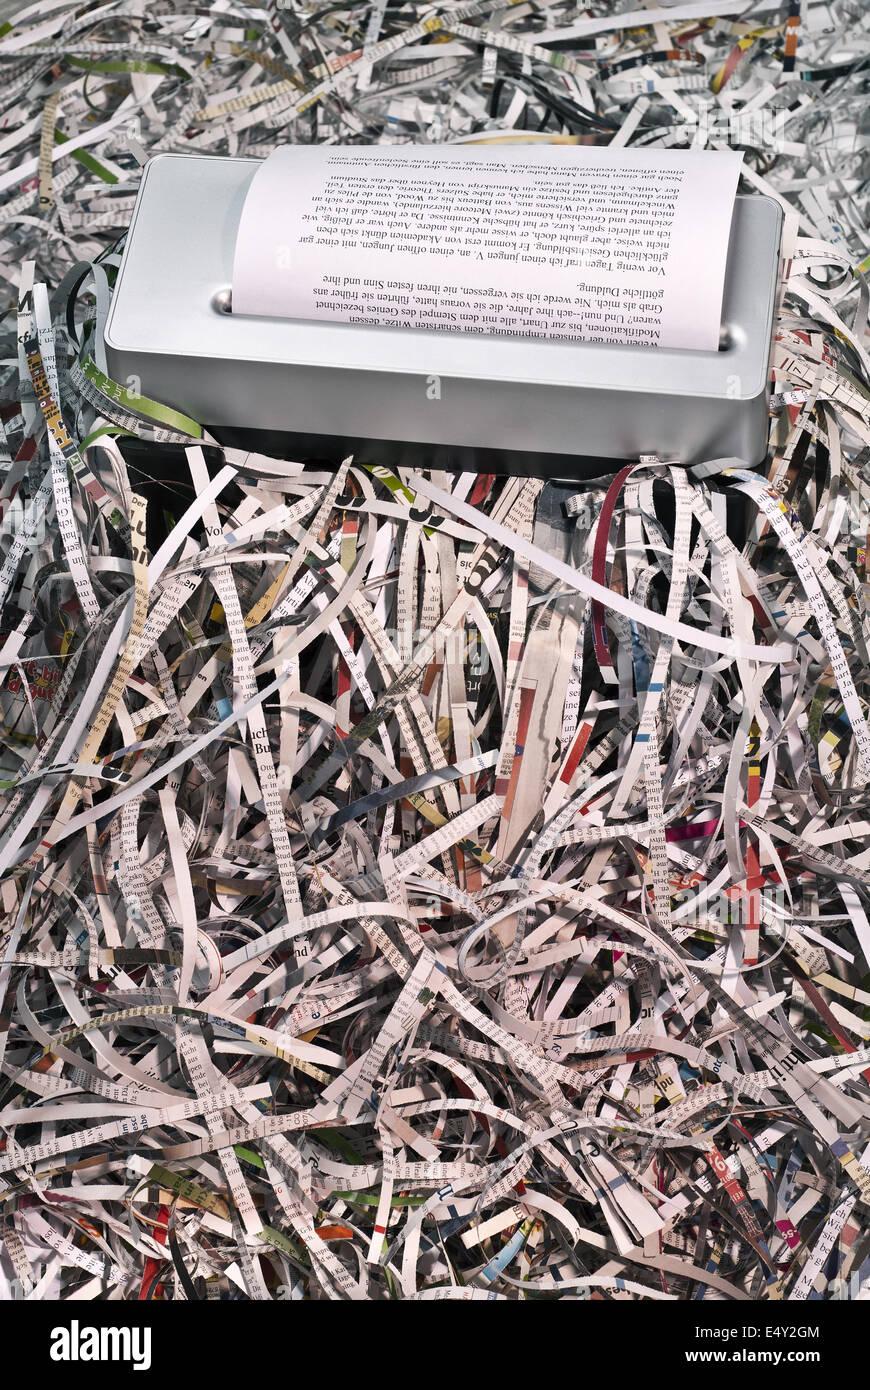 Shredder and shredded documents - Stock Image